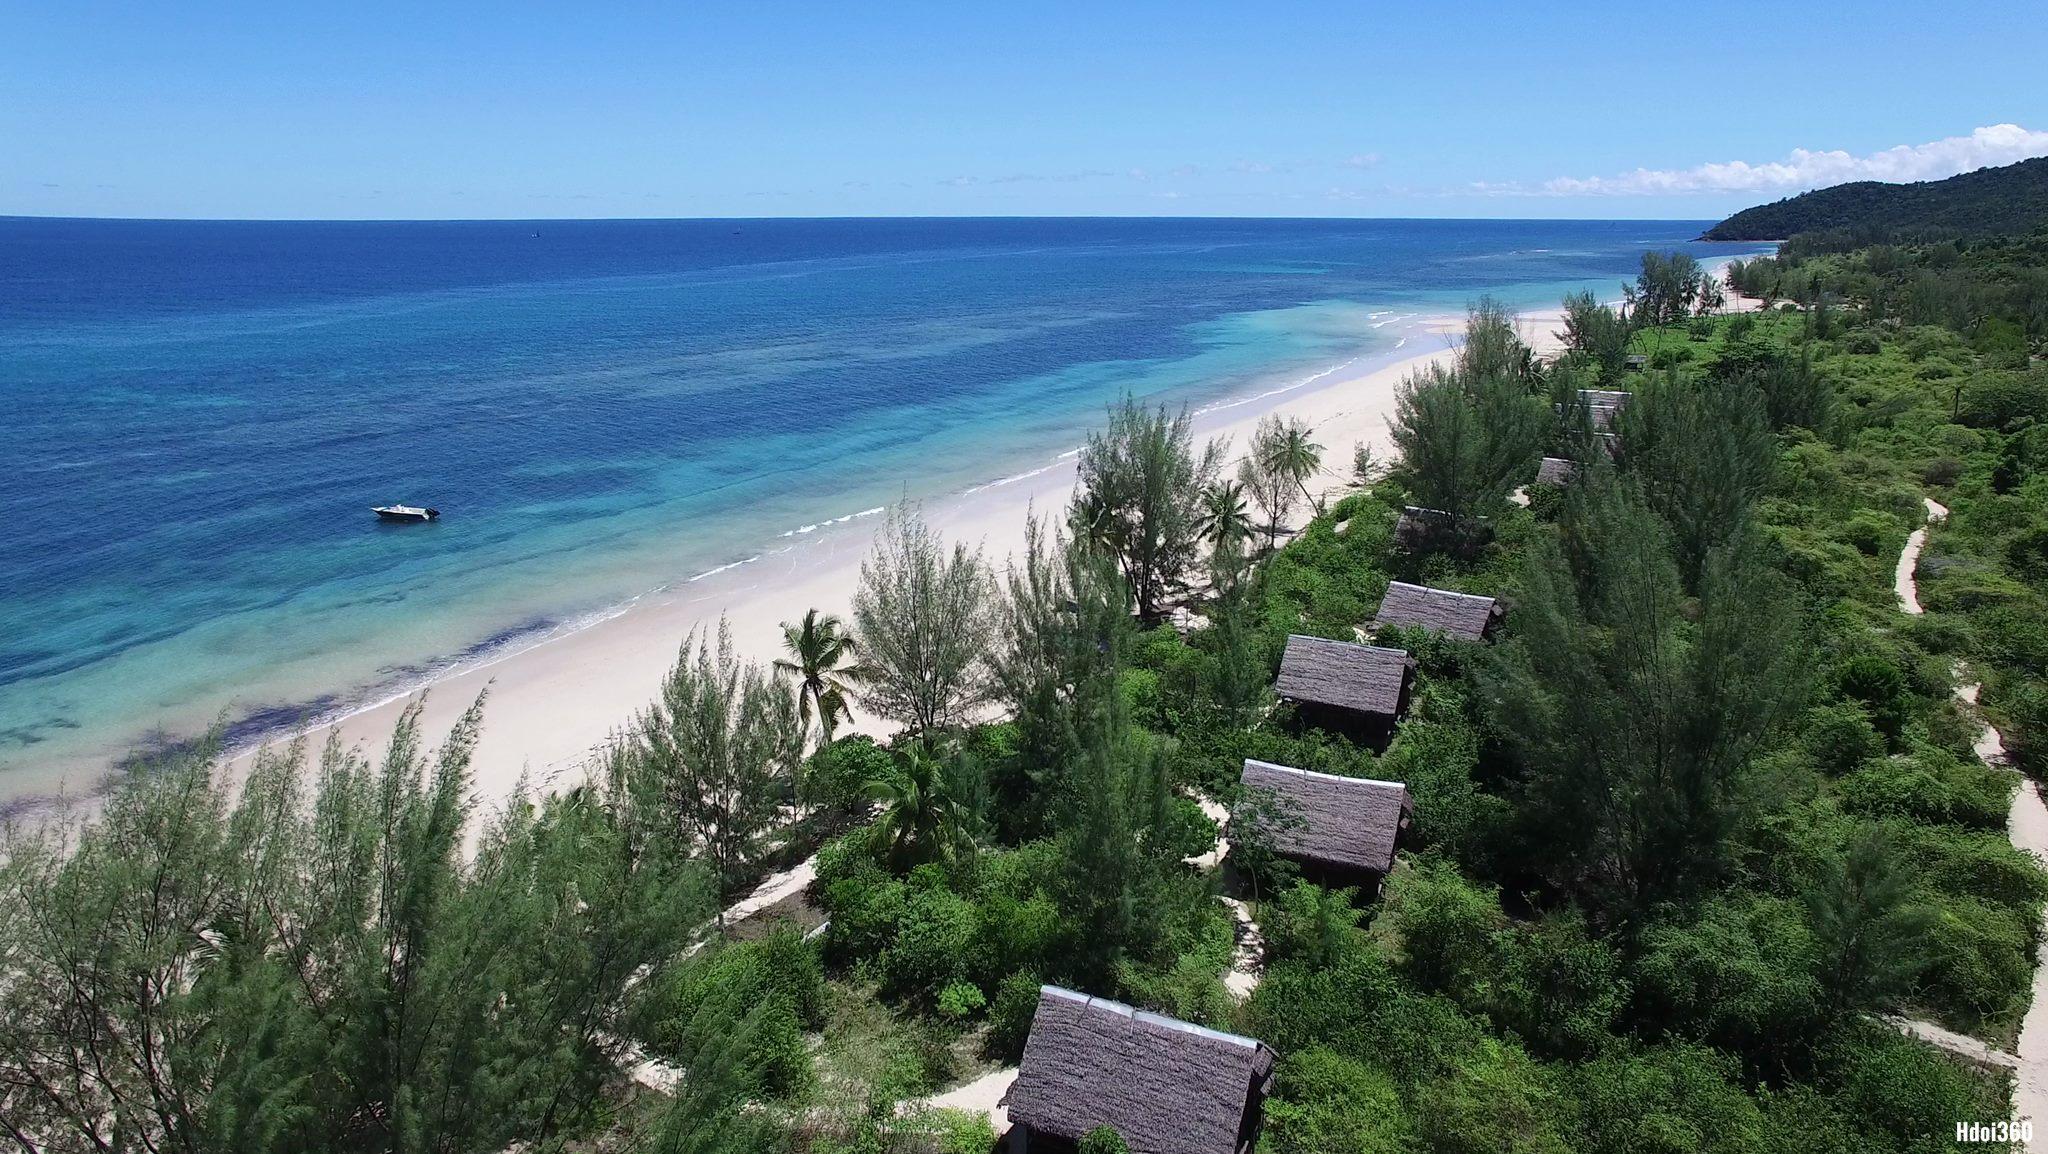 Naturalia Lodge : Une ambiance sauvage, entre forêt tropicale classée réserve naturelle et les eaux calmes du canal du mozambique